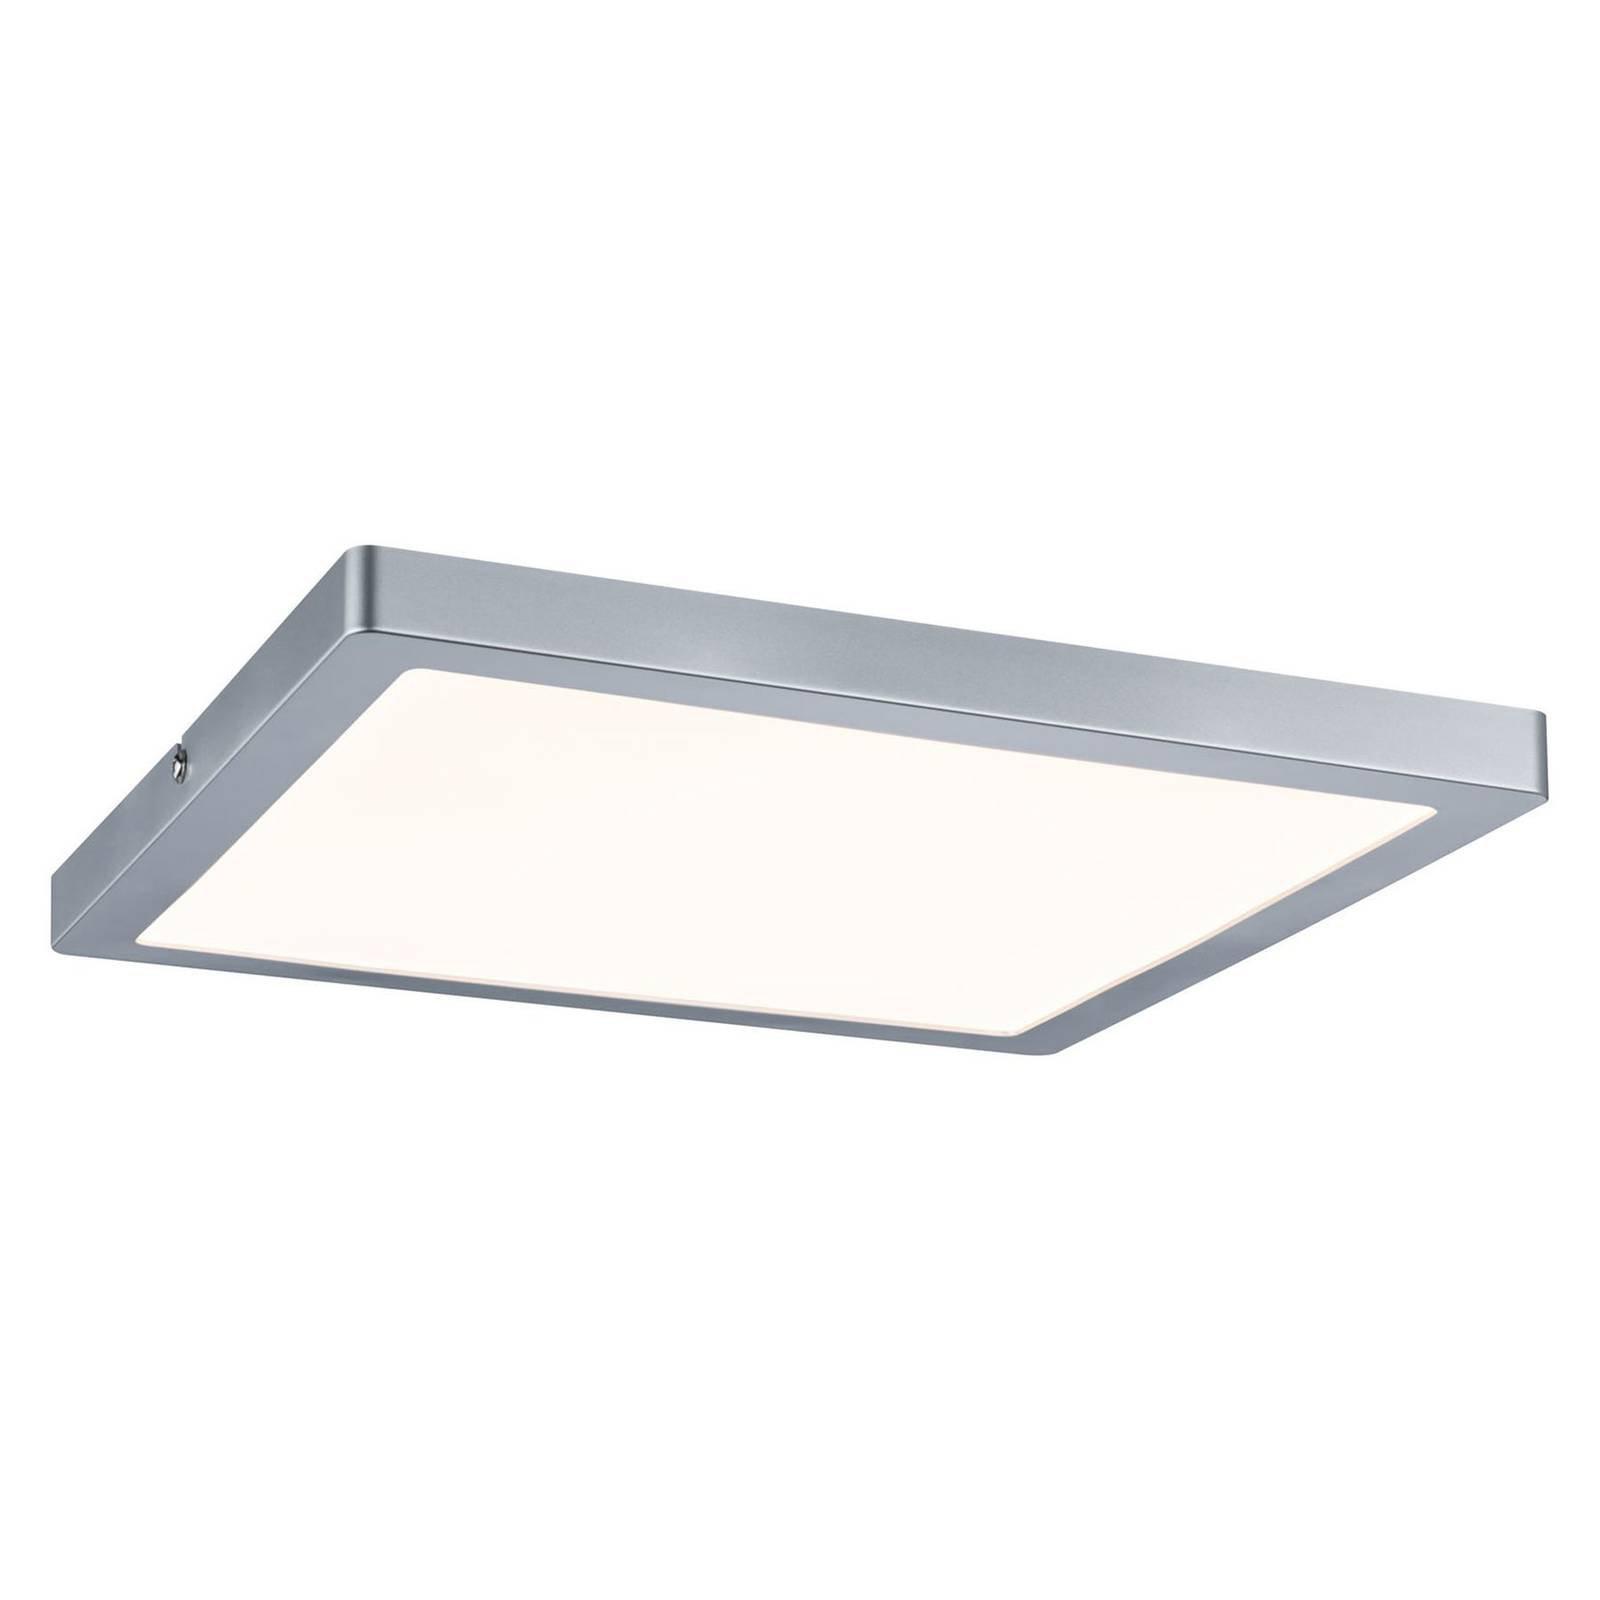 Paulmann Atria LED-taklampe 30 x 30 cm krom matt